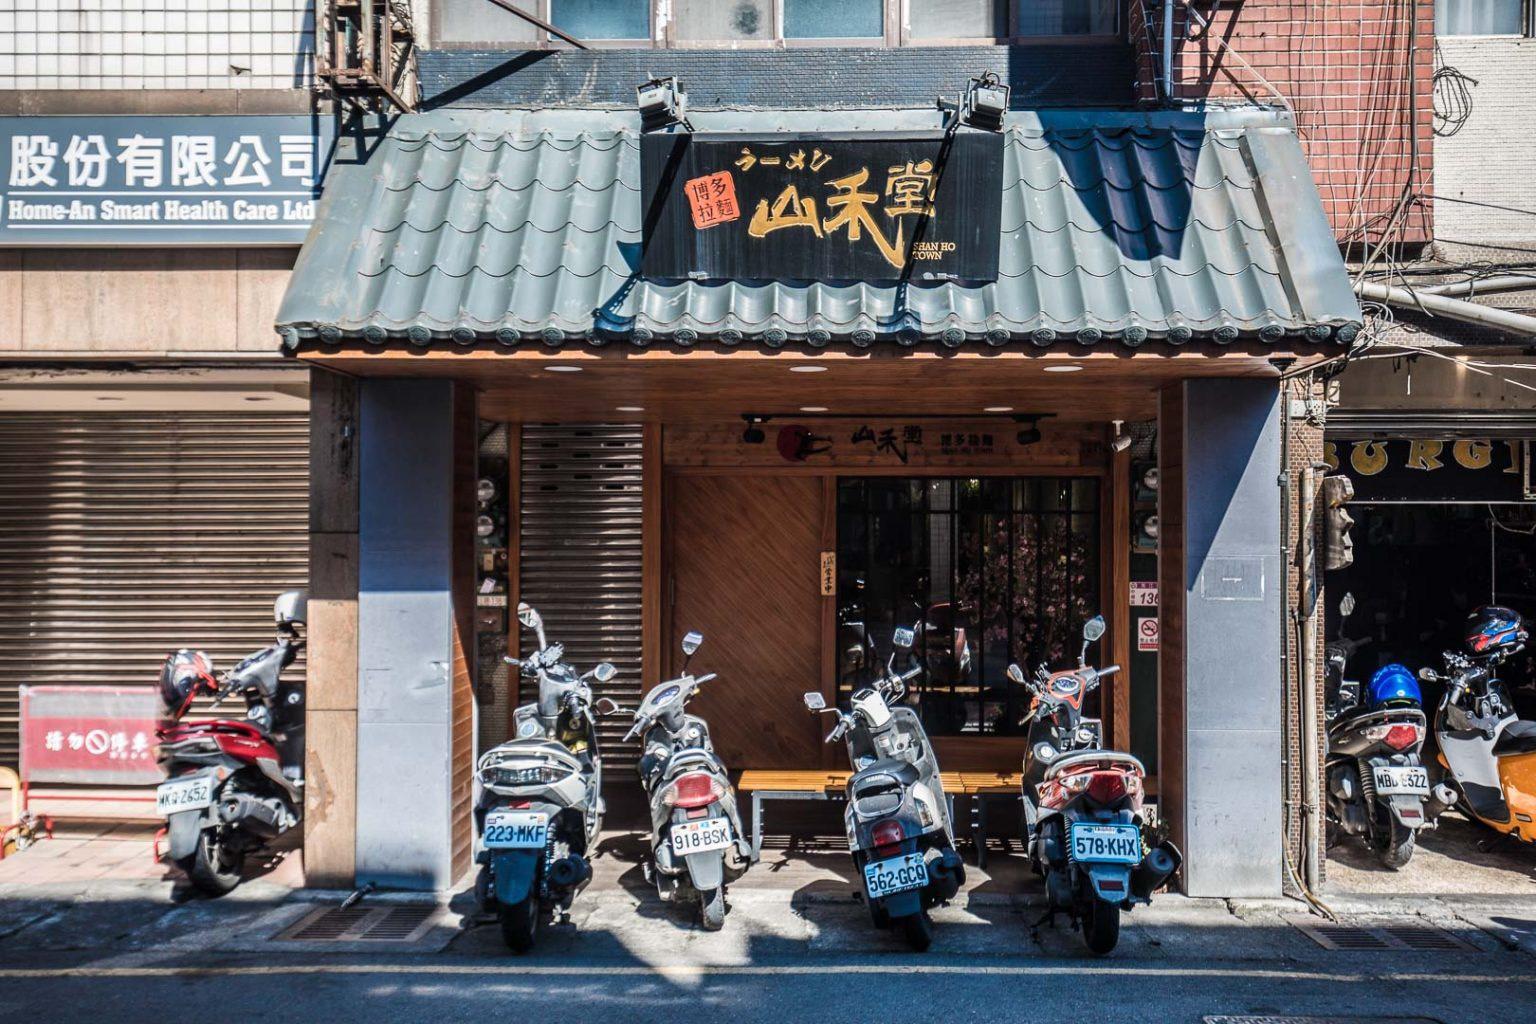 日本人氣噗噗!桃園「田雞拉麵」視覺太衝擊,還有隱藏版「泰式雞佛拉麵」